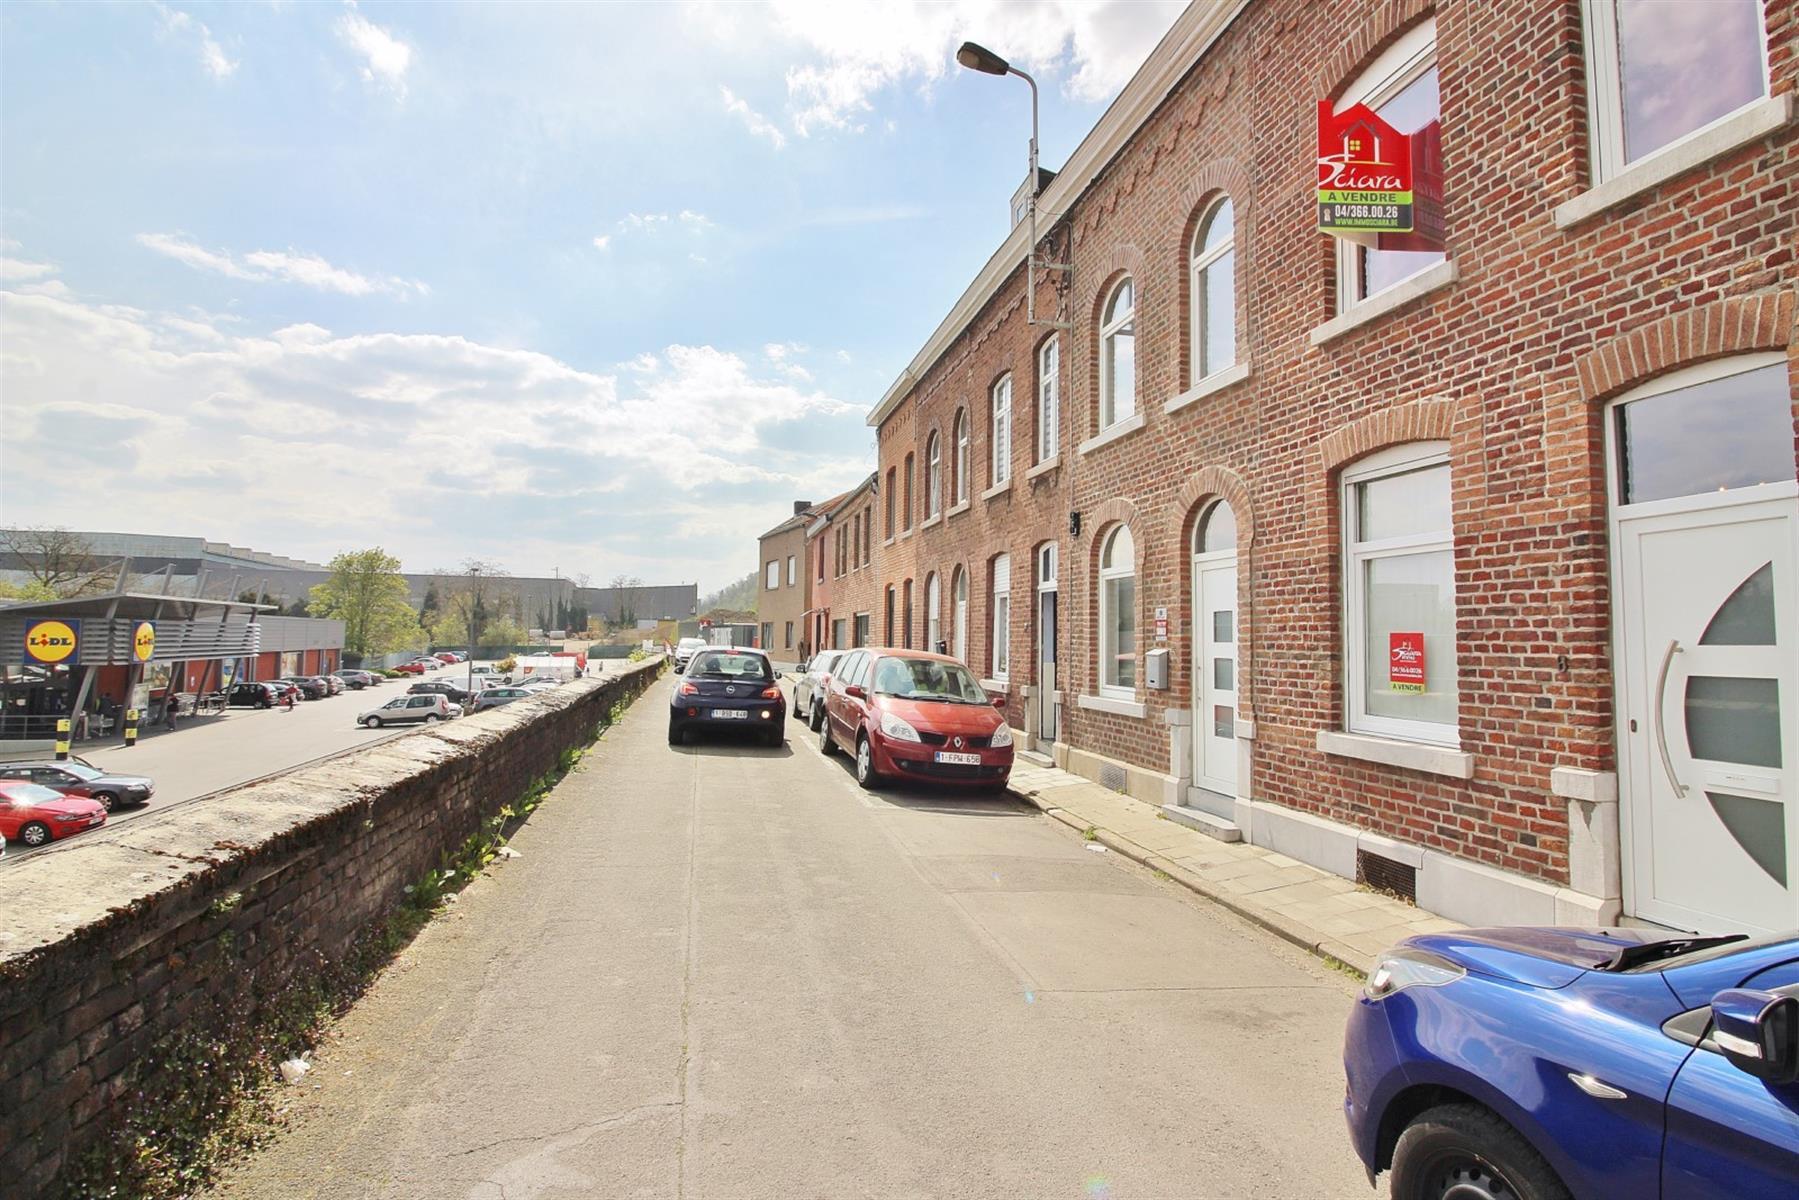 Maison - Seraing Jemeppe-sur-Meuse - #4347963-26